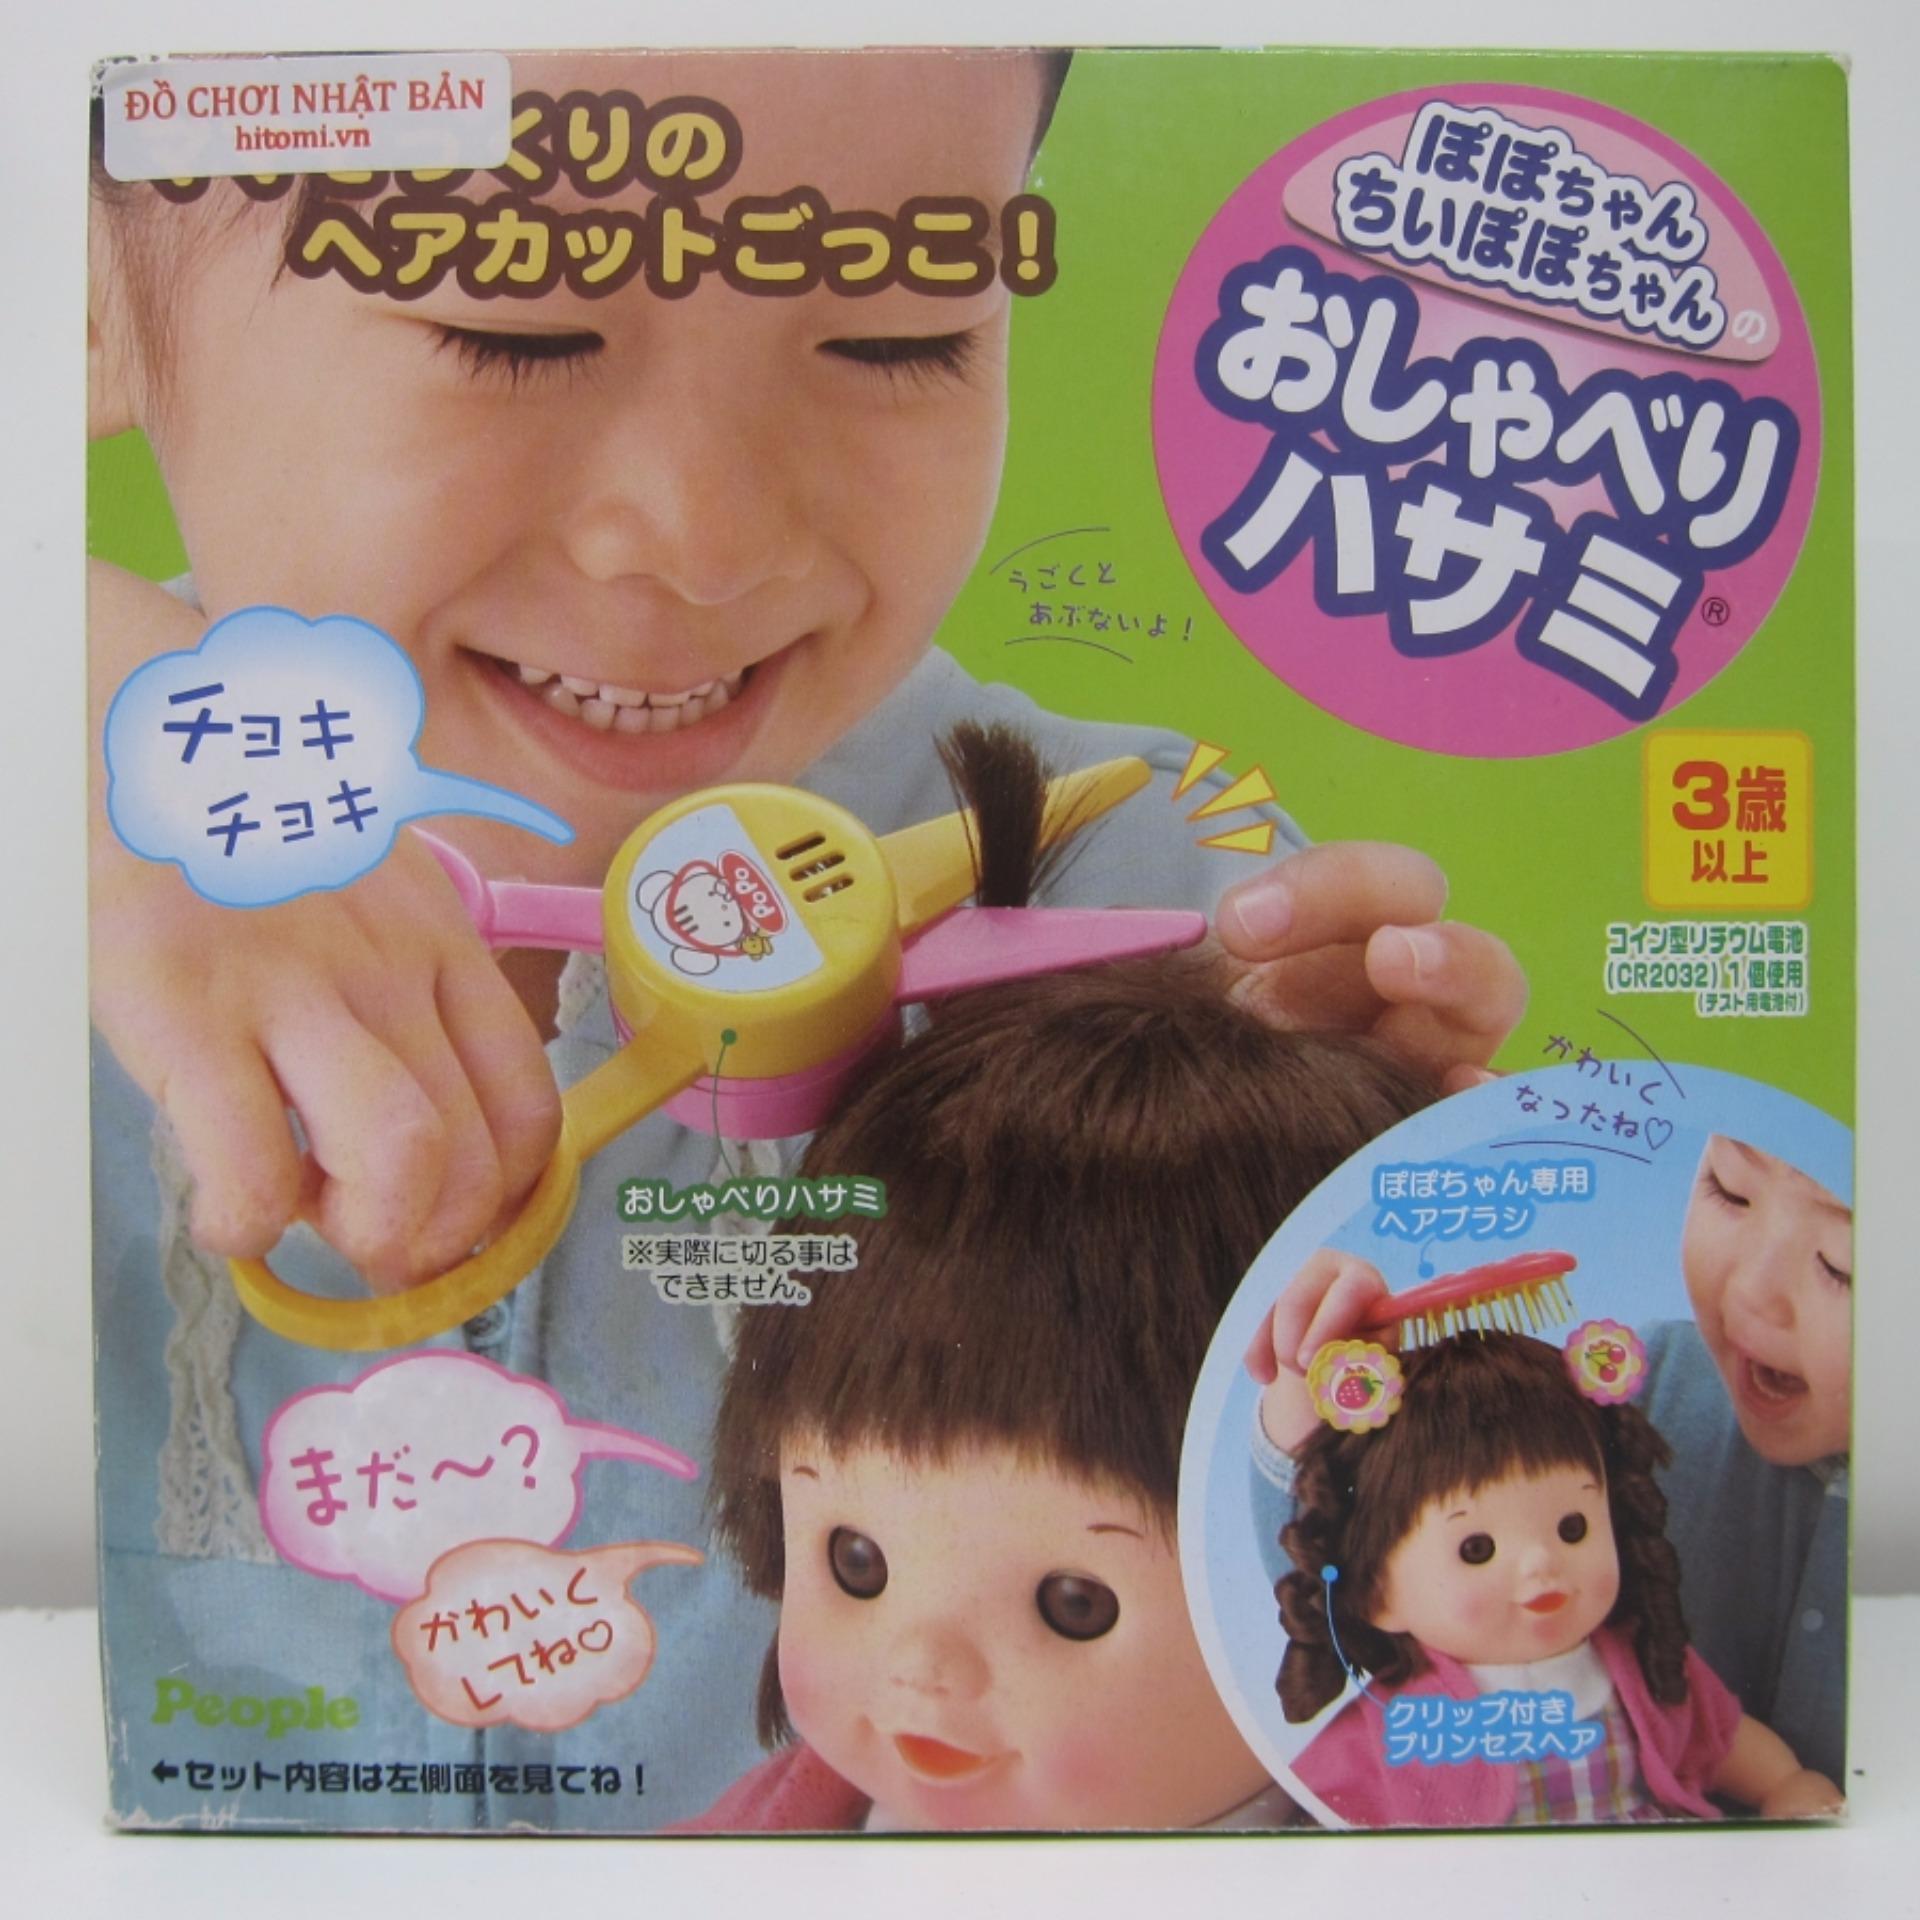 Kéo cắt tóc cho búp bê có âm thanh